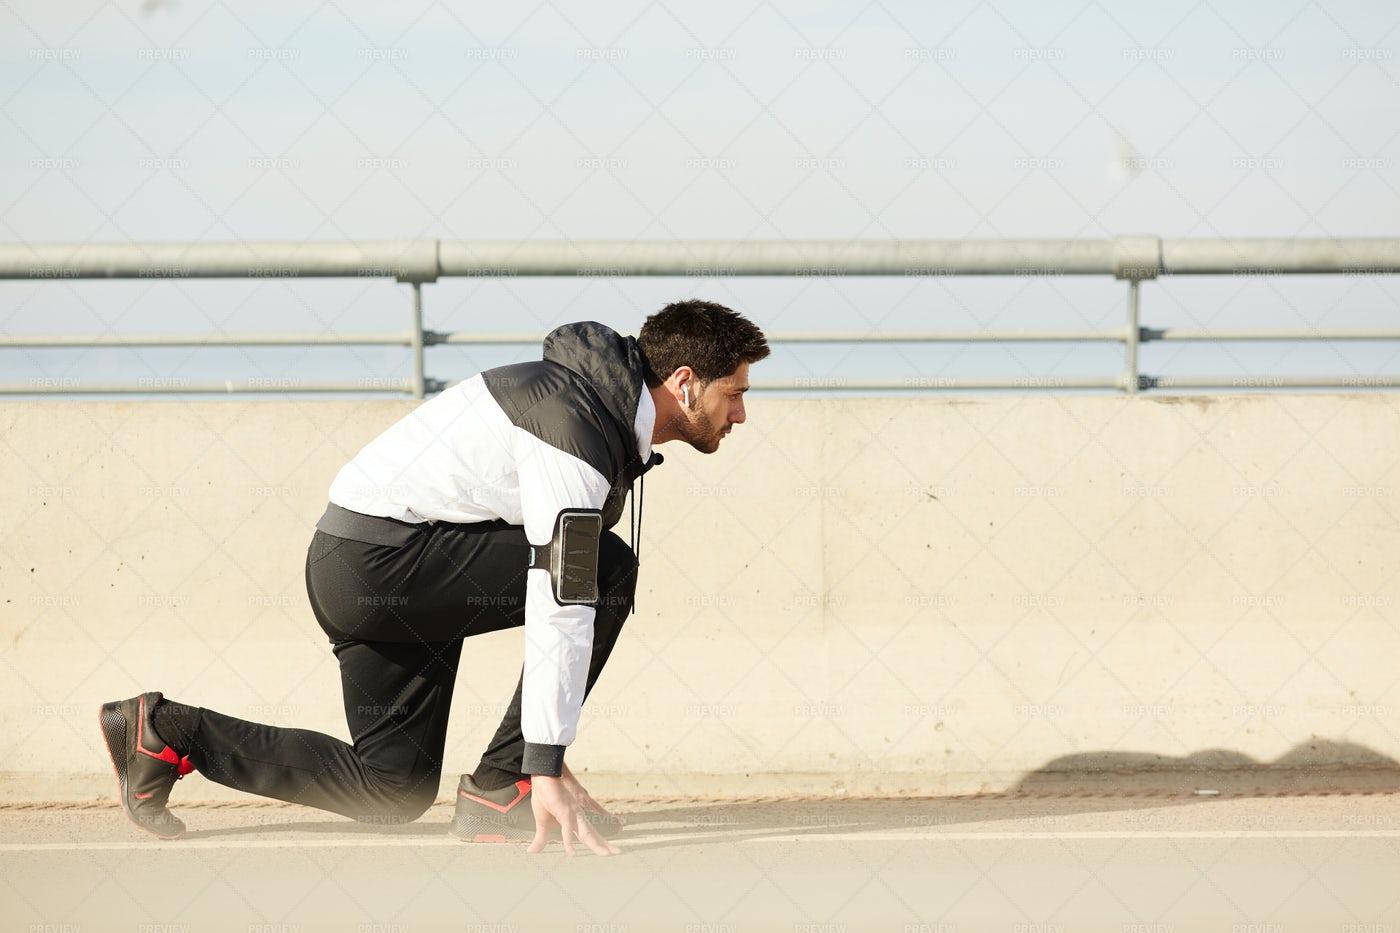 Runner By Start Line: Stock Photos